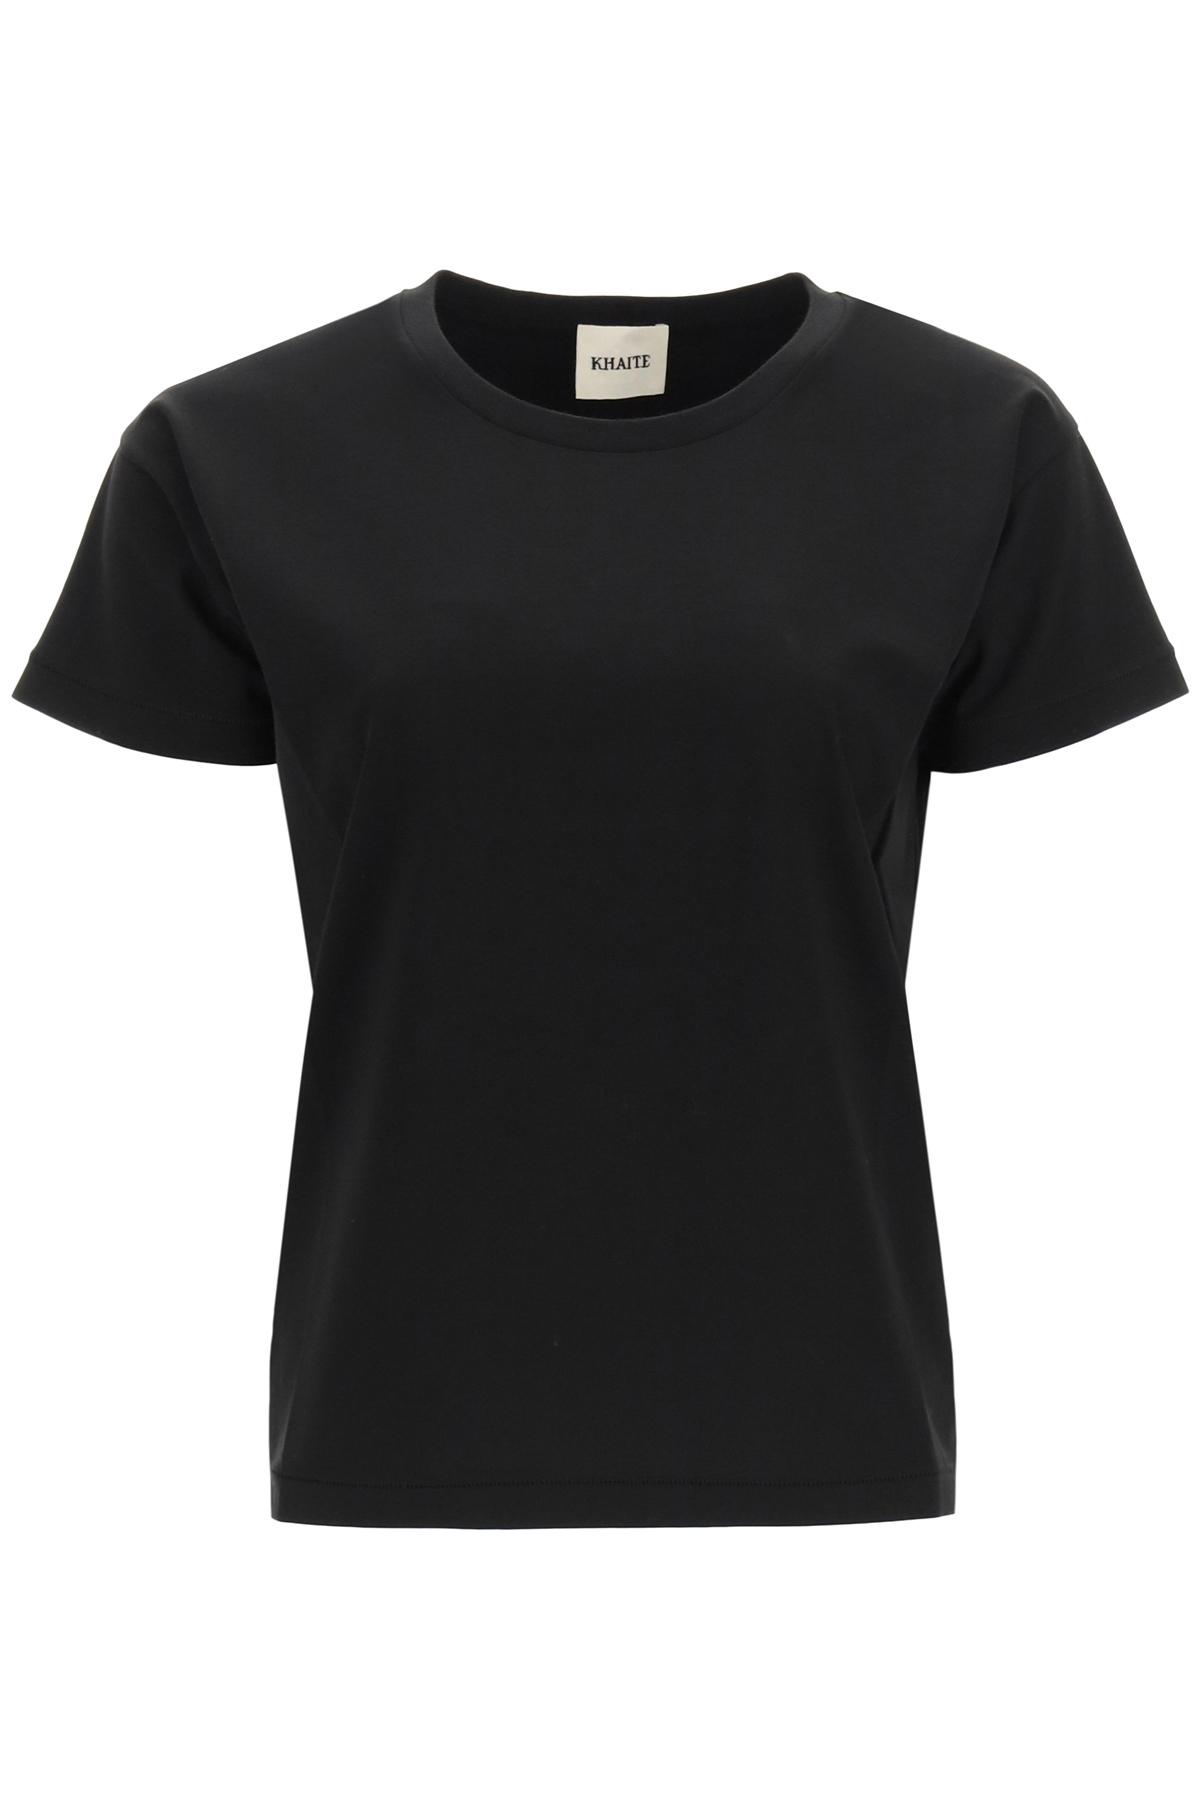 Khaite t-shirt brady